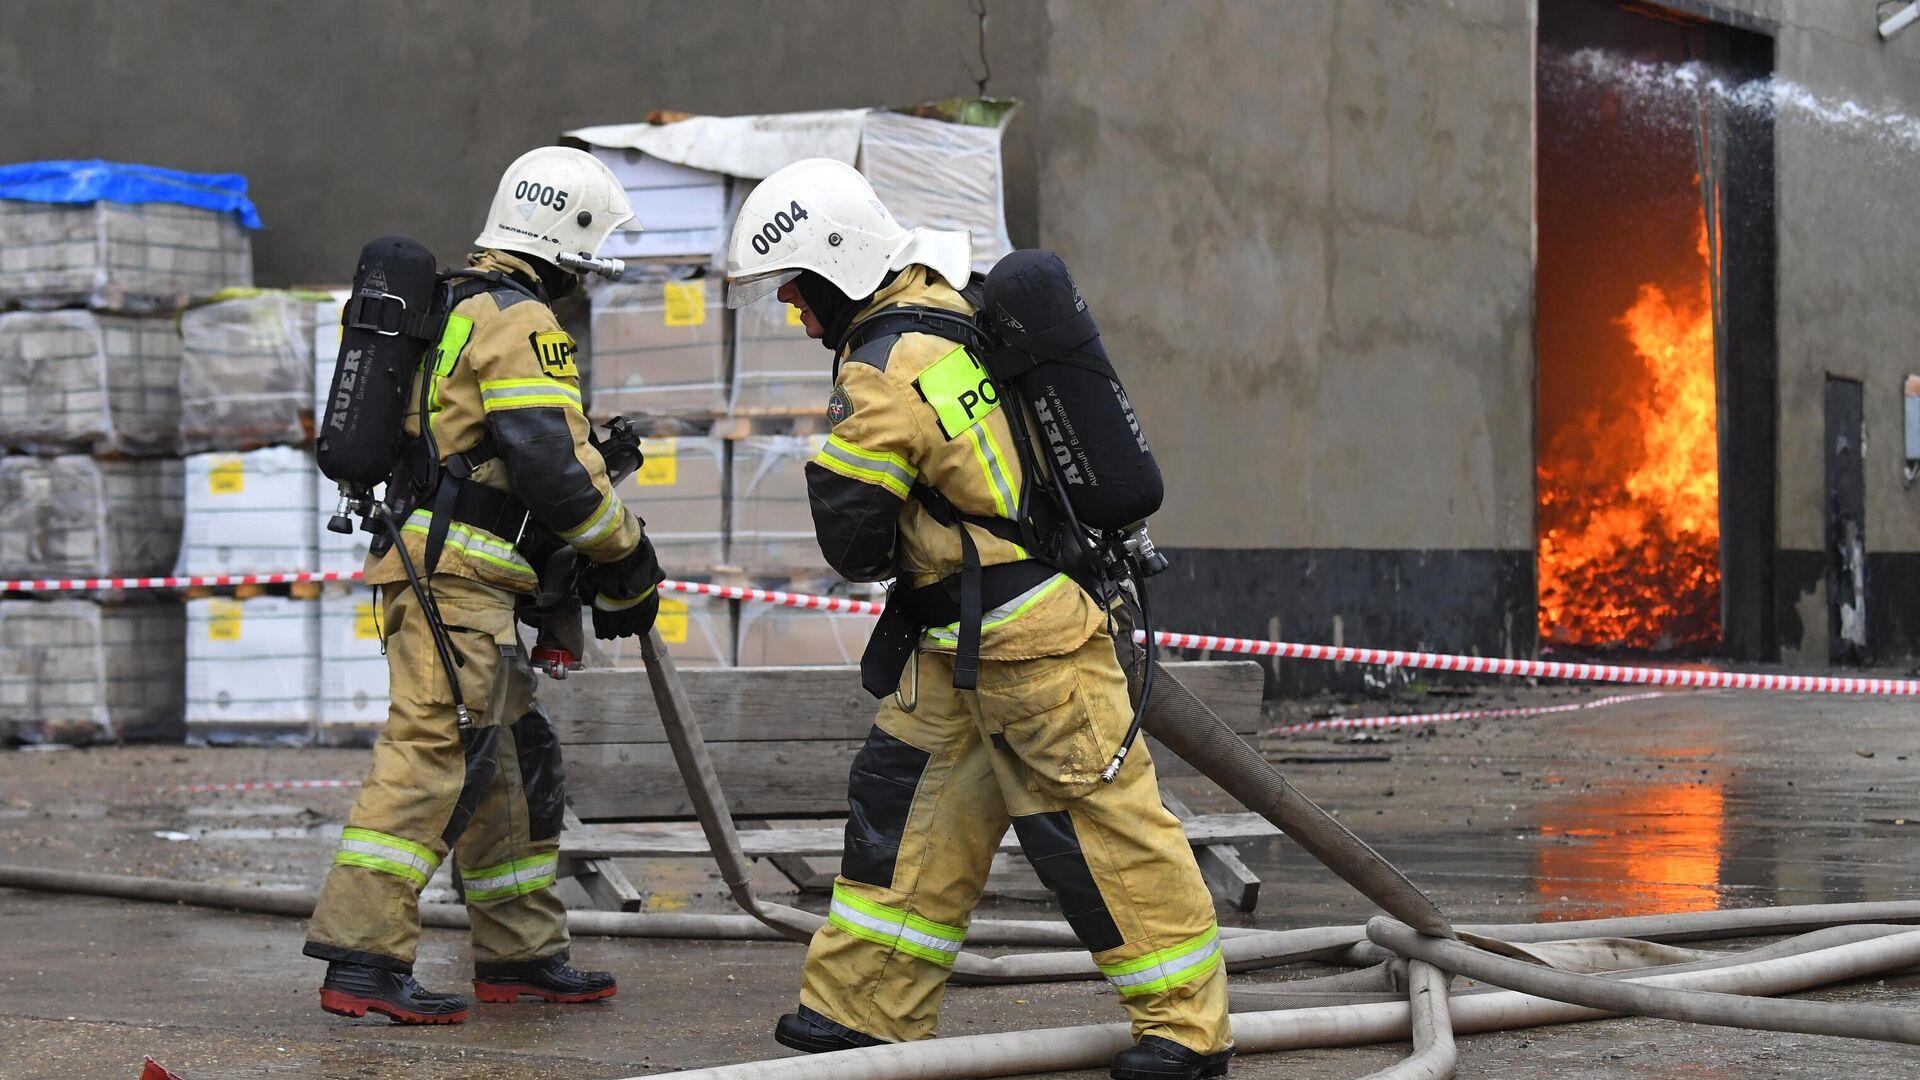 МЧС: пожар на складе в Новой Москве потушили